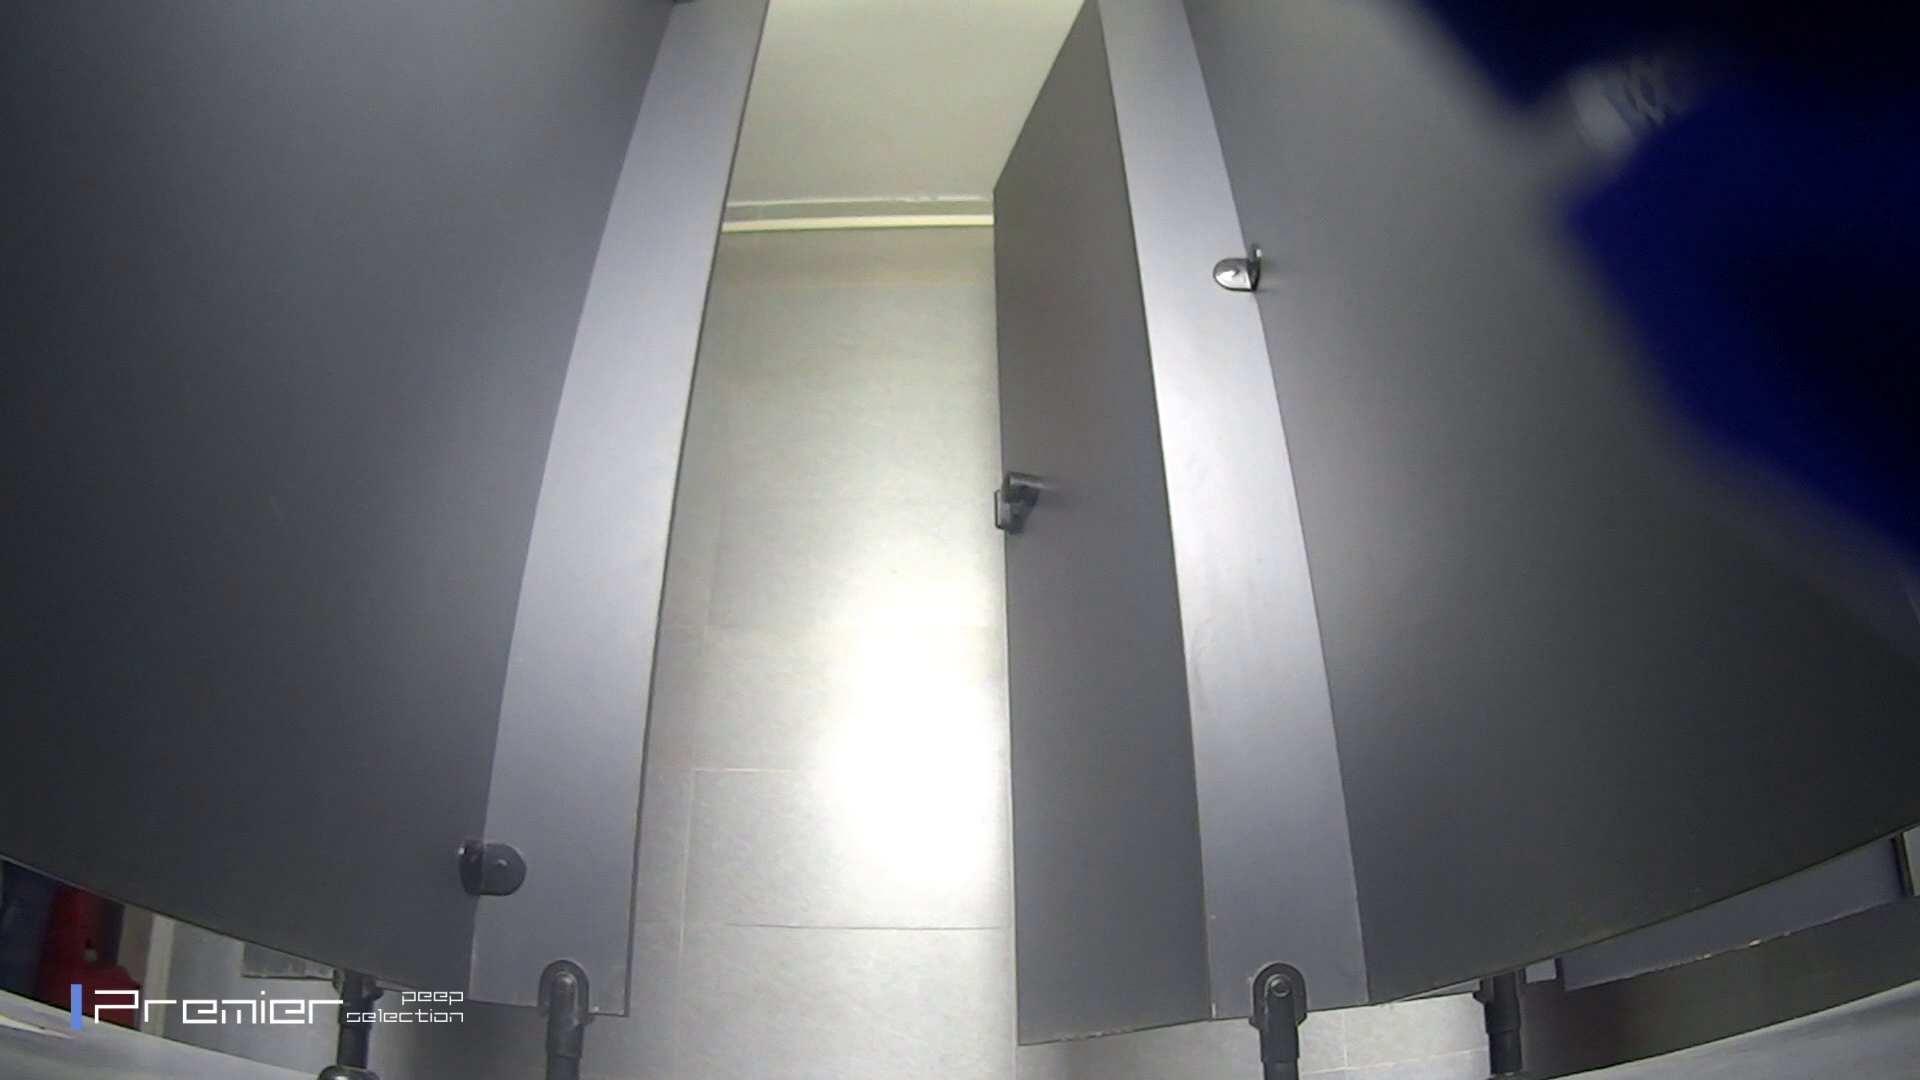 ツンデレお女市さんのトイレ事情 大学休憩時間の洗面所事情32 トイレ中 | 美女達のヌード  100連発 4